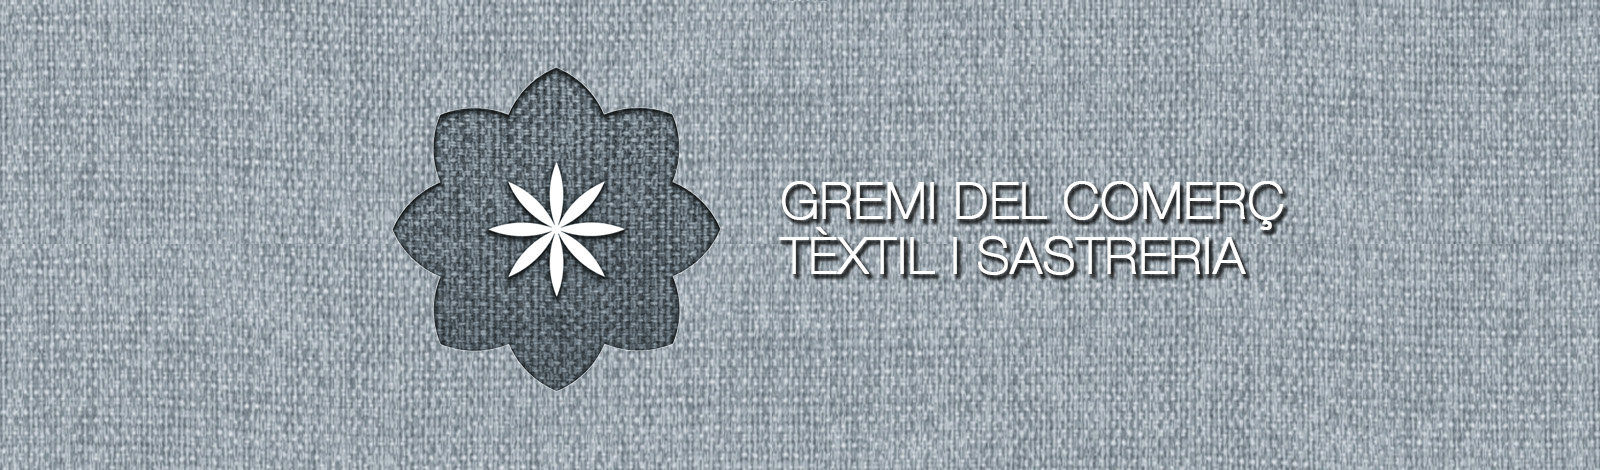 slider-gremi-comerc-textil03